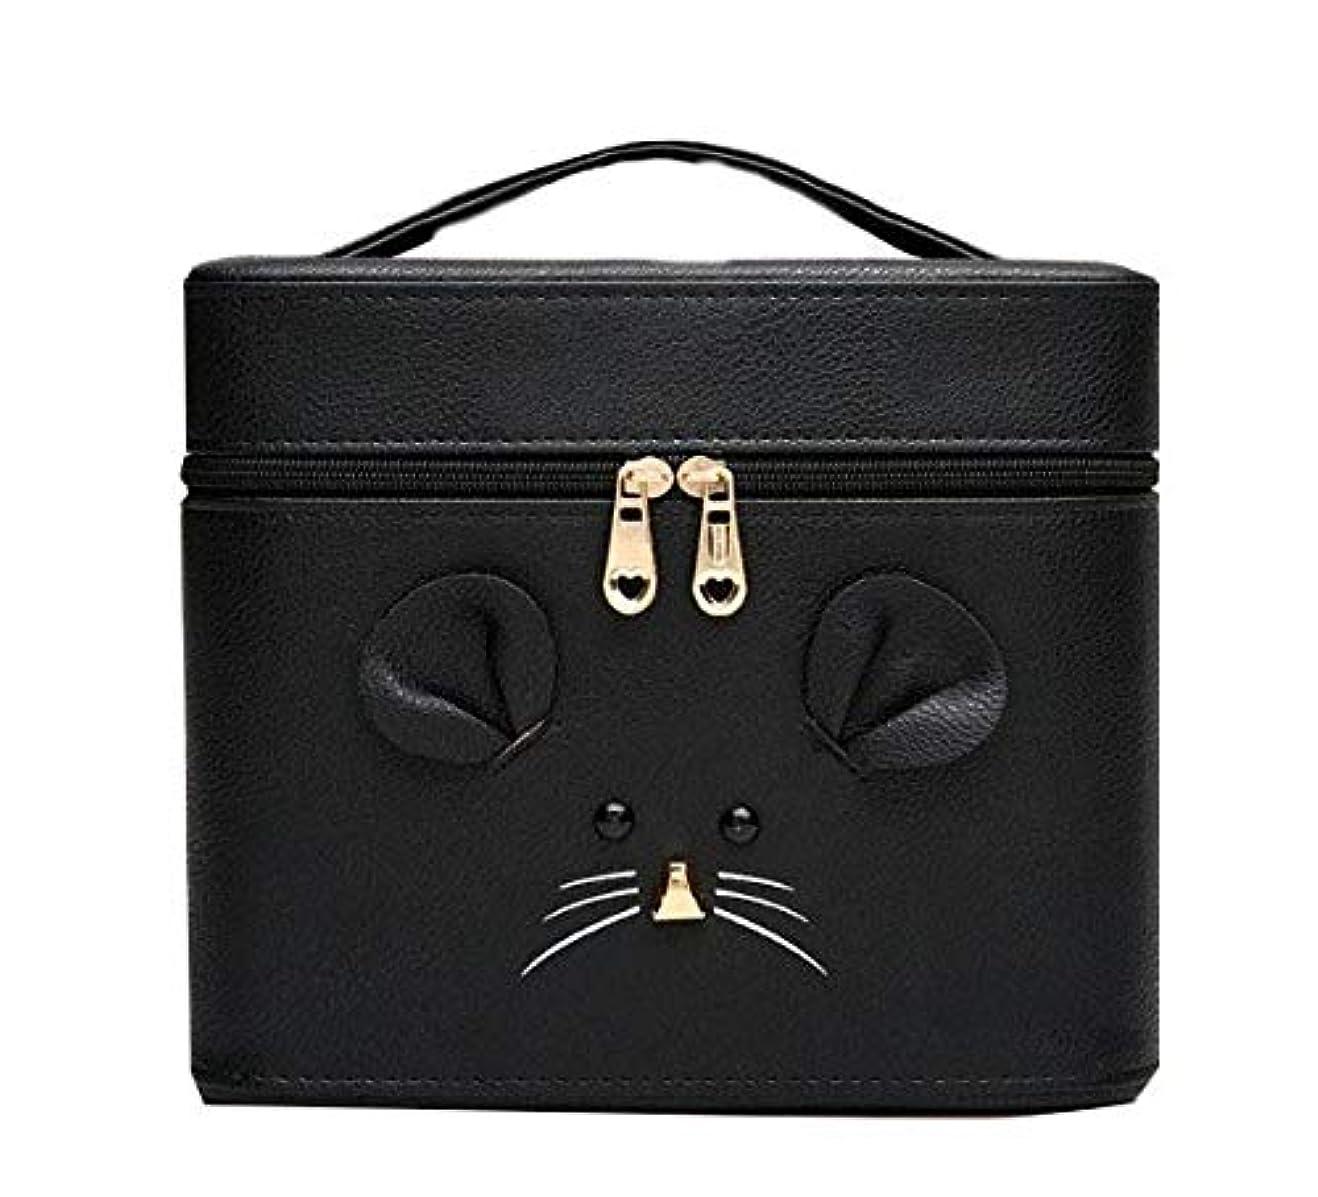 豊かな濃度インポート化粧箱、黒漫画のマウス化粧ケース、ポータブル旅行化粧品ケース、美容ネイルジュエリー収納ボックス (Size : S)